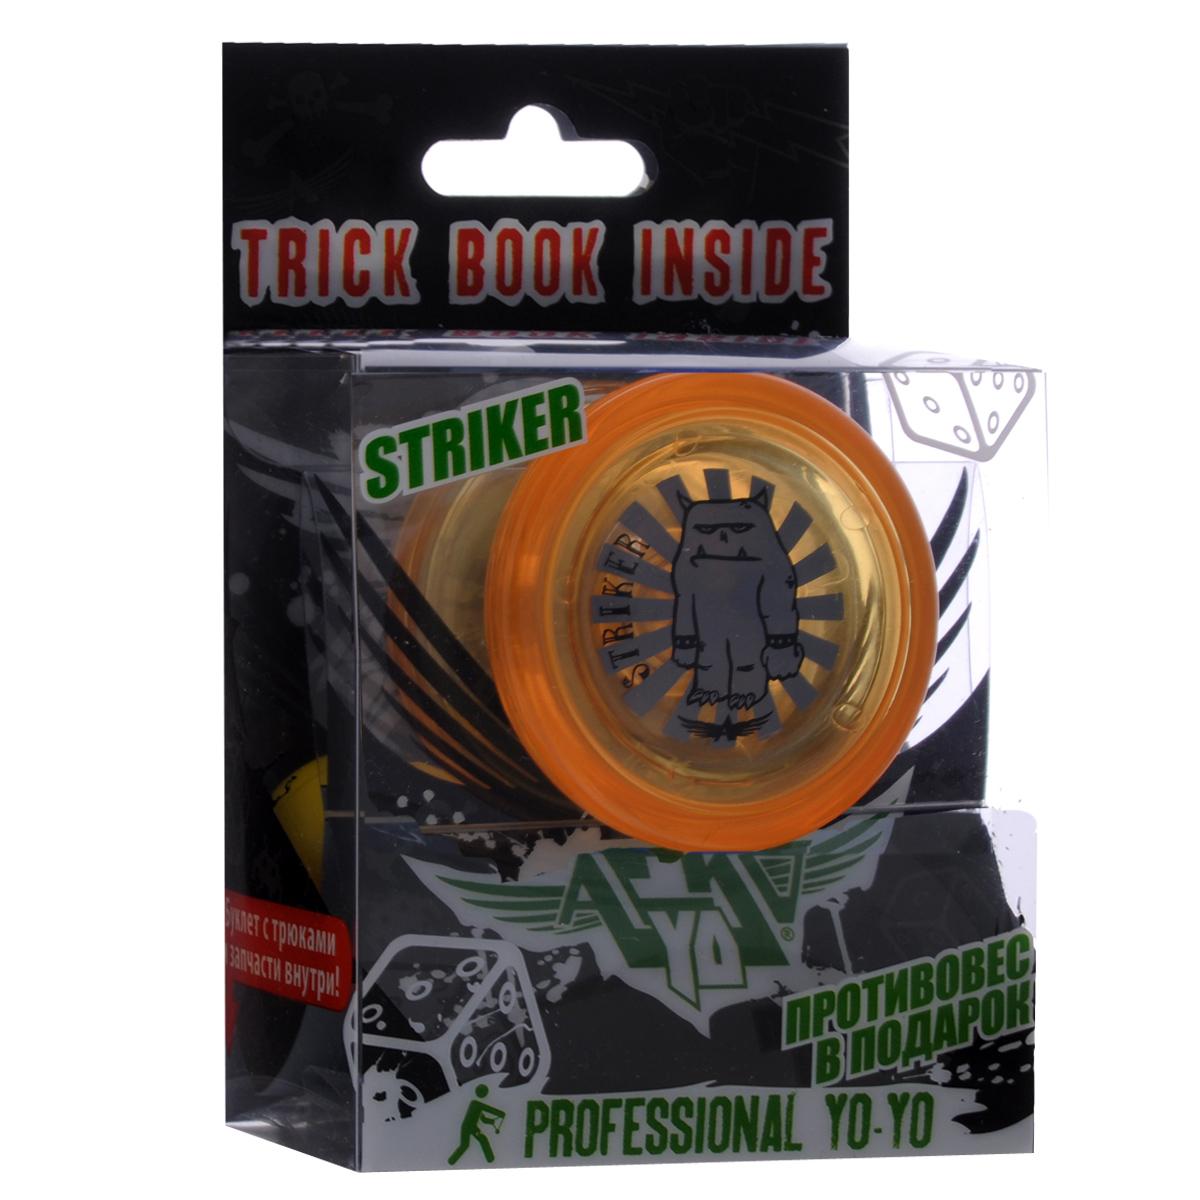 Йо-йо Aero Striker, цвет: желтый732011_желтыйЙо-йо Aero Striker - это переработанная версия бестселлера Cryptic Arc. Отличается отличным распределением веса, подшипником с канавкой для центровки веревки, мягкой тормозной системой, что отличает йо-йо Striker от низкокачественных игрушек-однодневок и позволяет освоить множество продвинутых трюков. Профессиональное пластиковое йо-йо, которое не оставит равнодушным игрока любого уровня. Игрушка состоит из двух симметричных половинок соединенных осью, к которой прикреплена веревка. Тип подшипника: Grooved D. Йо-йо упакован в металлическую упаковку с окошком.